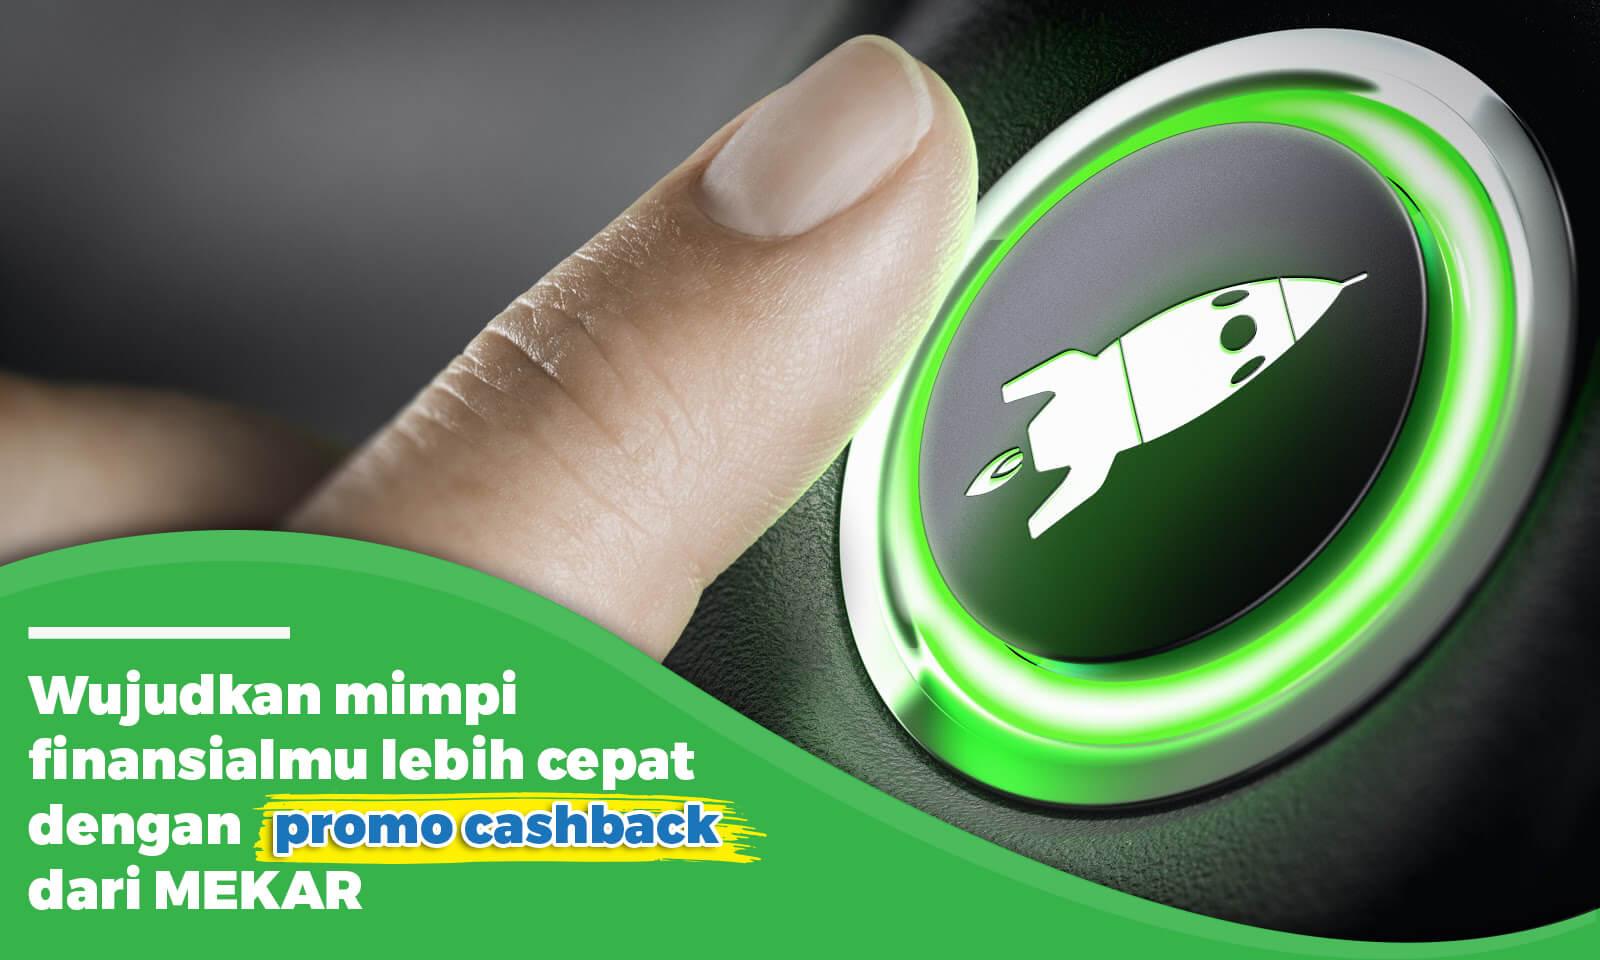 Promo Cashback Mekar